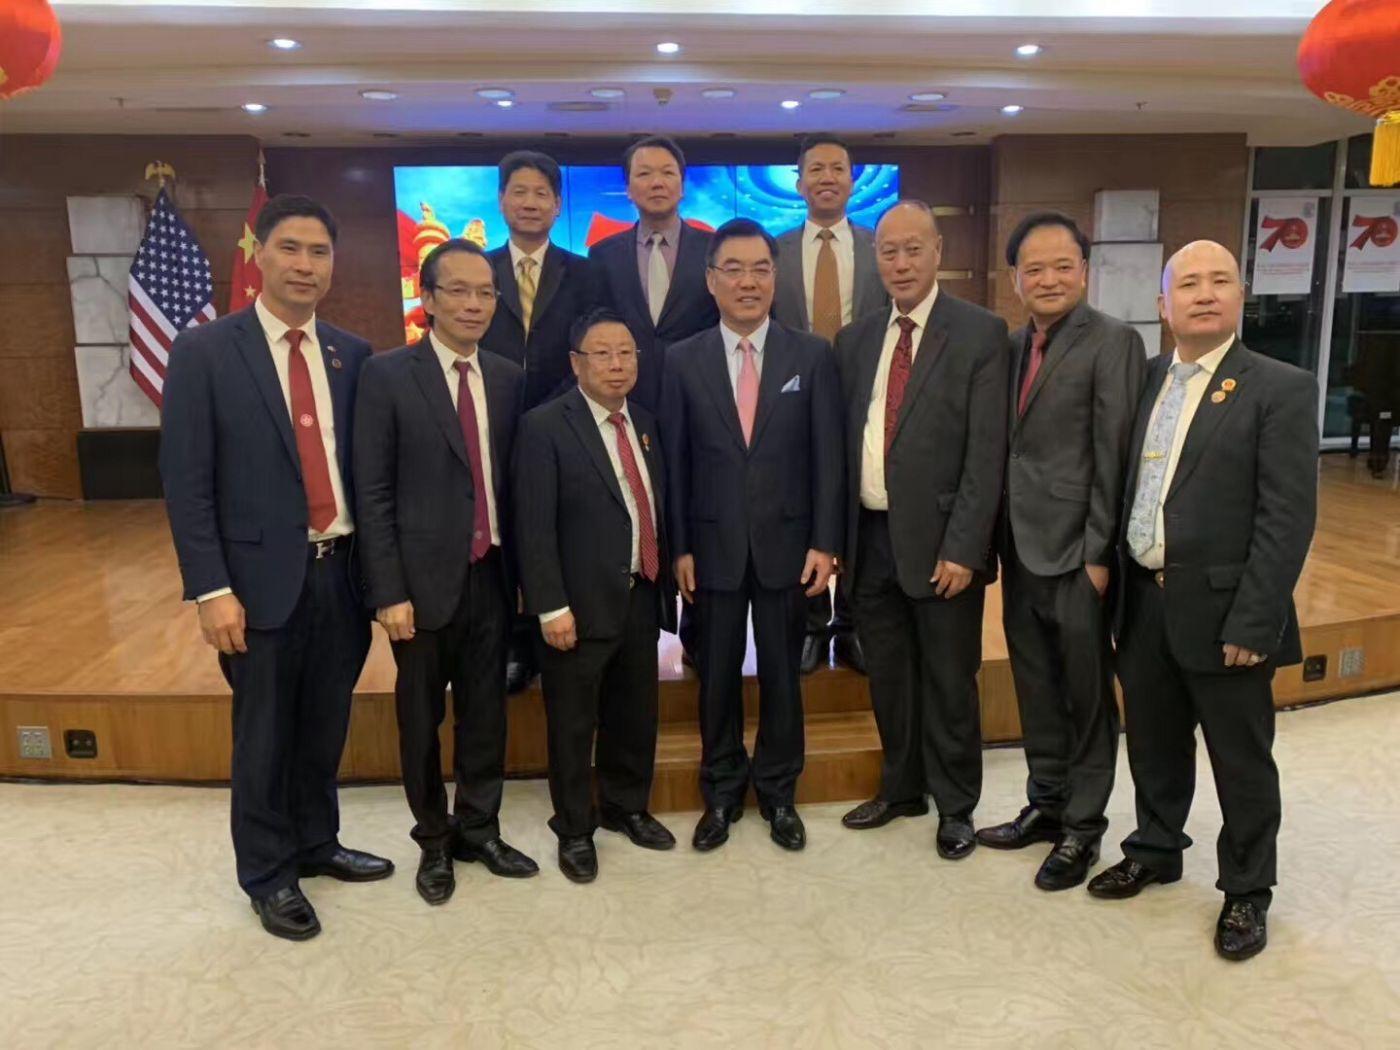 中国驻纽约总领事馆舉辦庆祝建国70周年招待會_图1-53